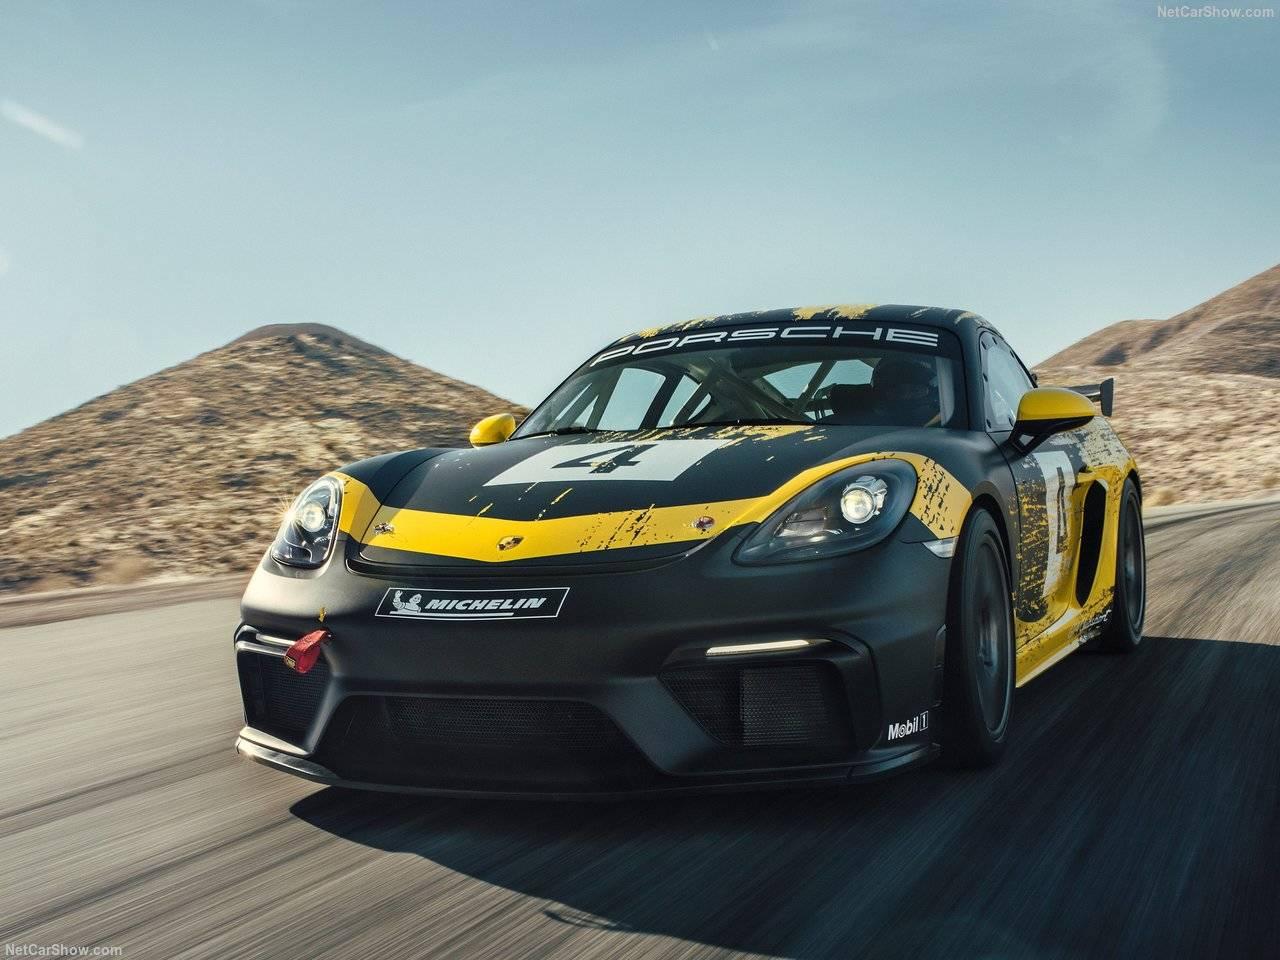 ポルシェ718ケイマンにGT4クラブスポーツが登場、レース仕様を検証